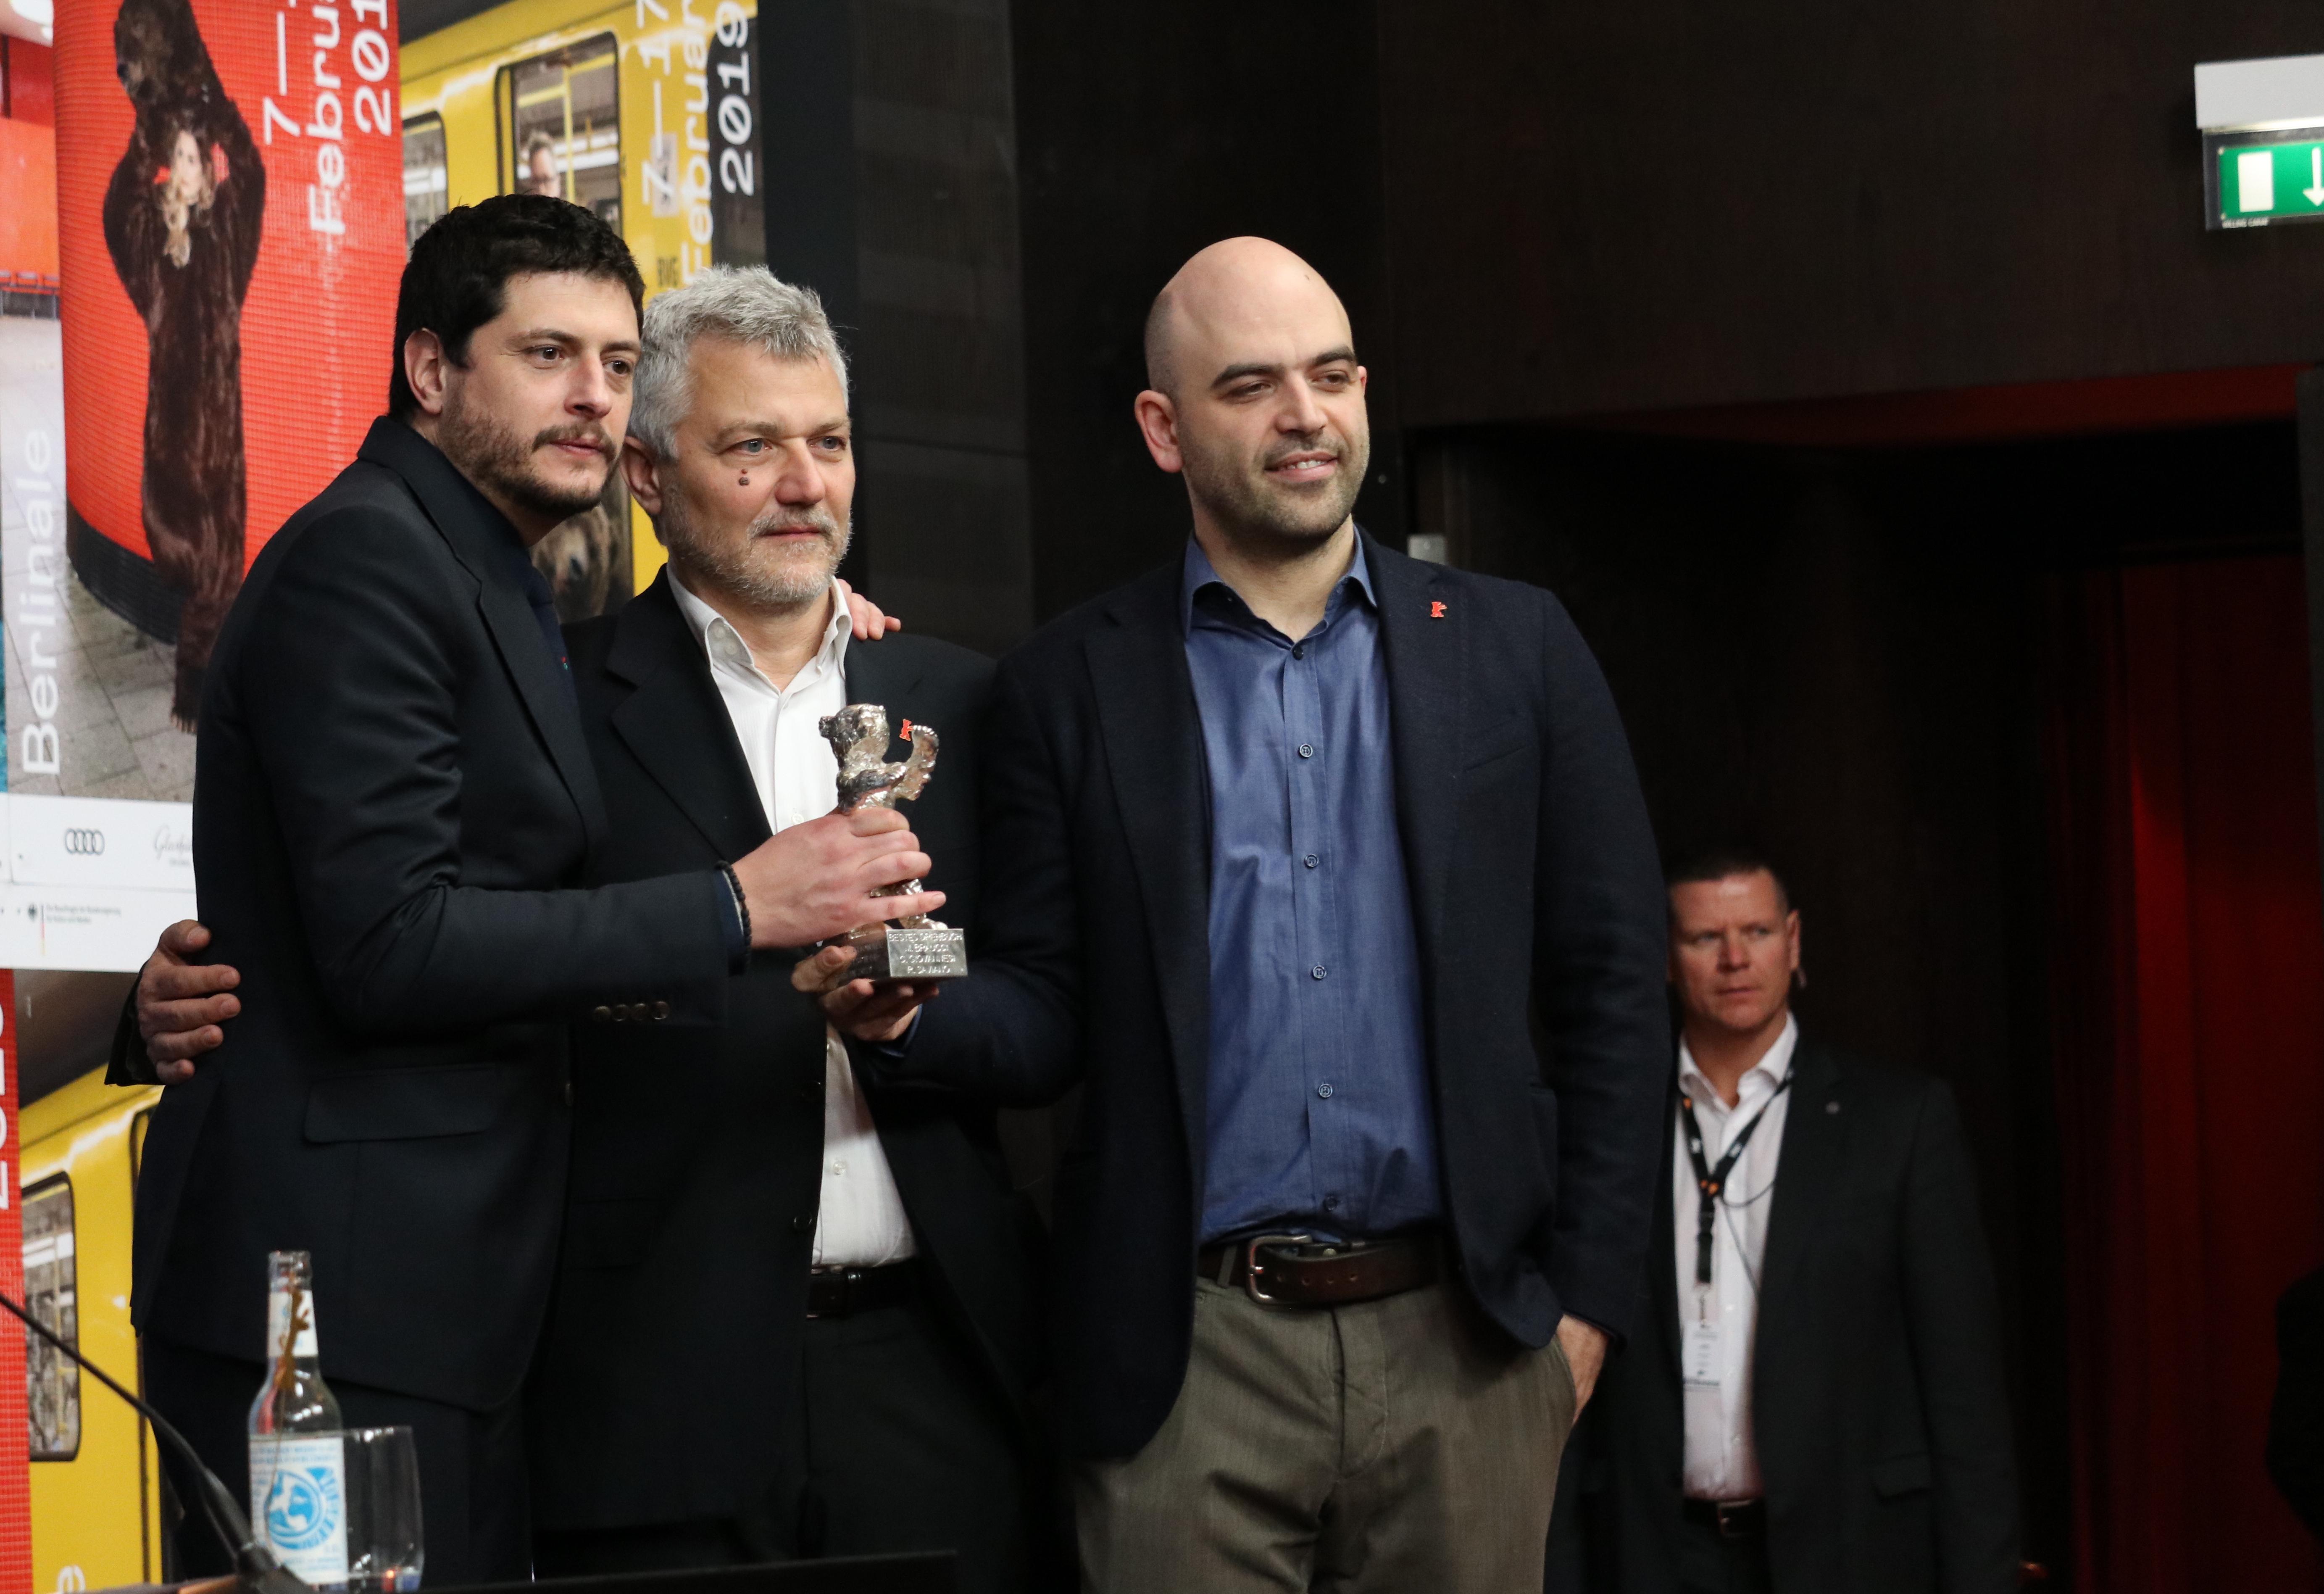 Berlino 2019: sceneggiatori e regista alla conferenza di premiazione